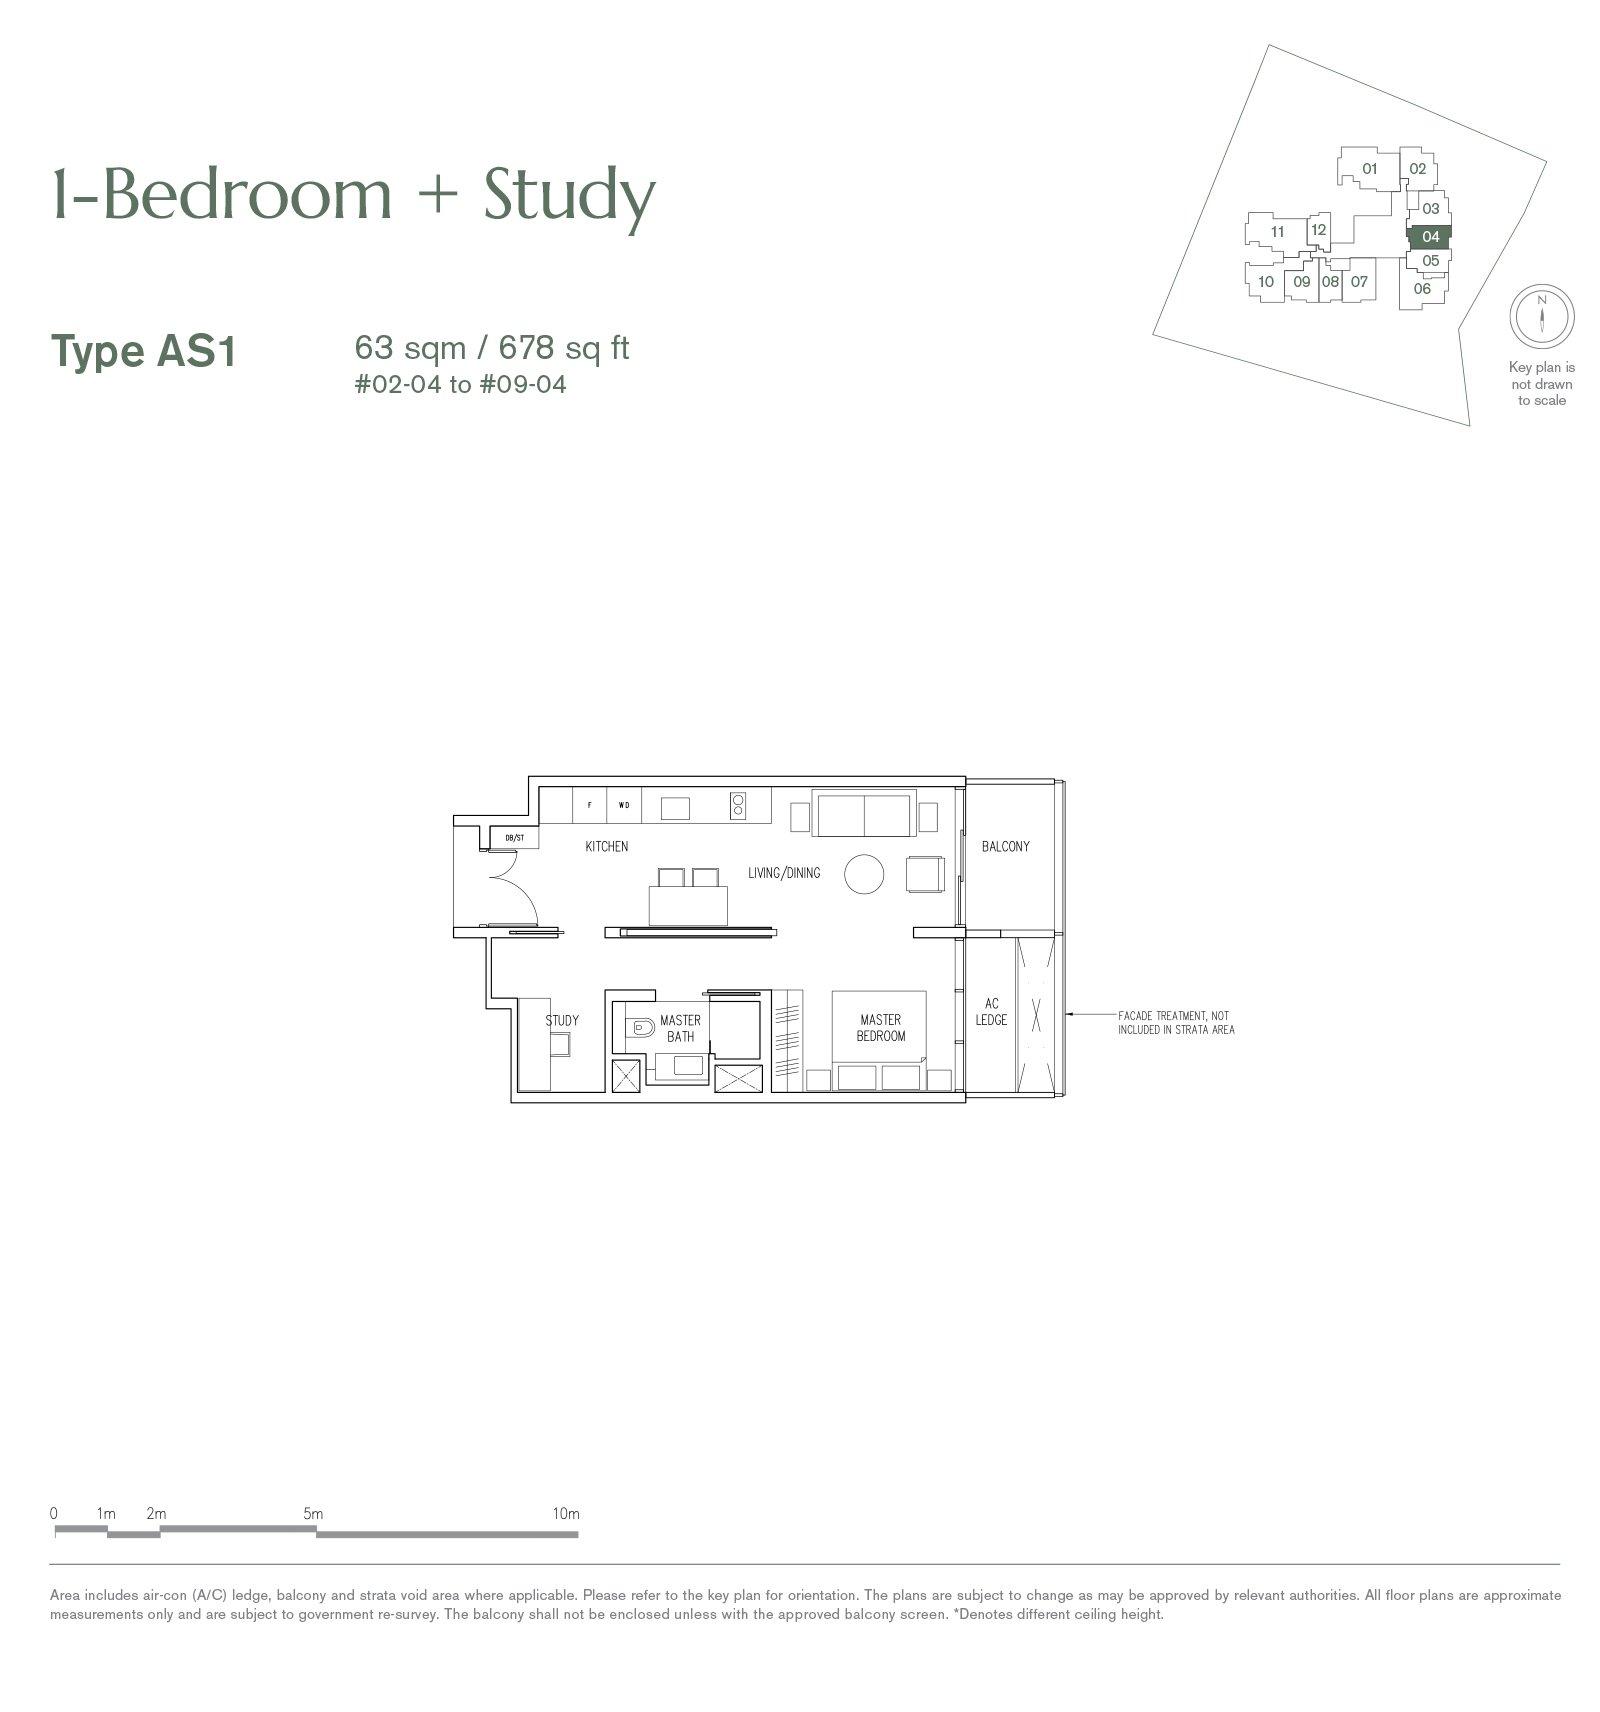 19 Nassim 纳森山公寓 floor plan 1-bedroom AS1